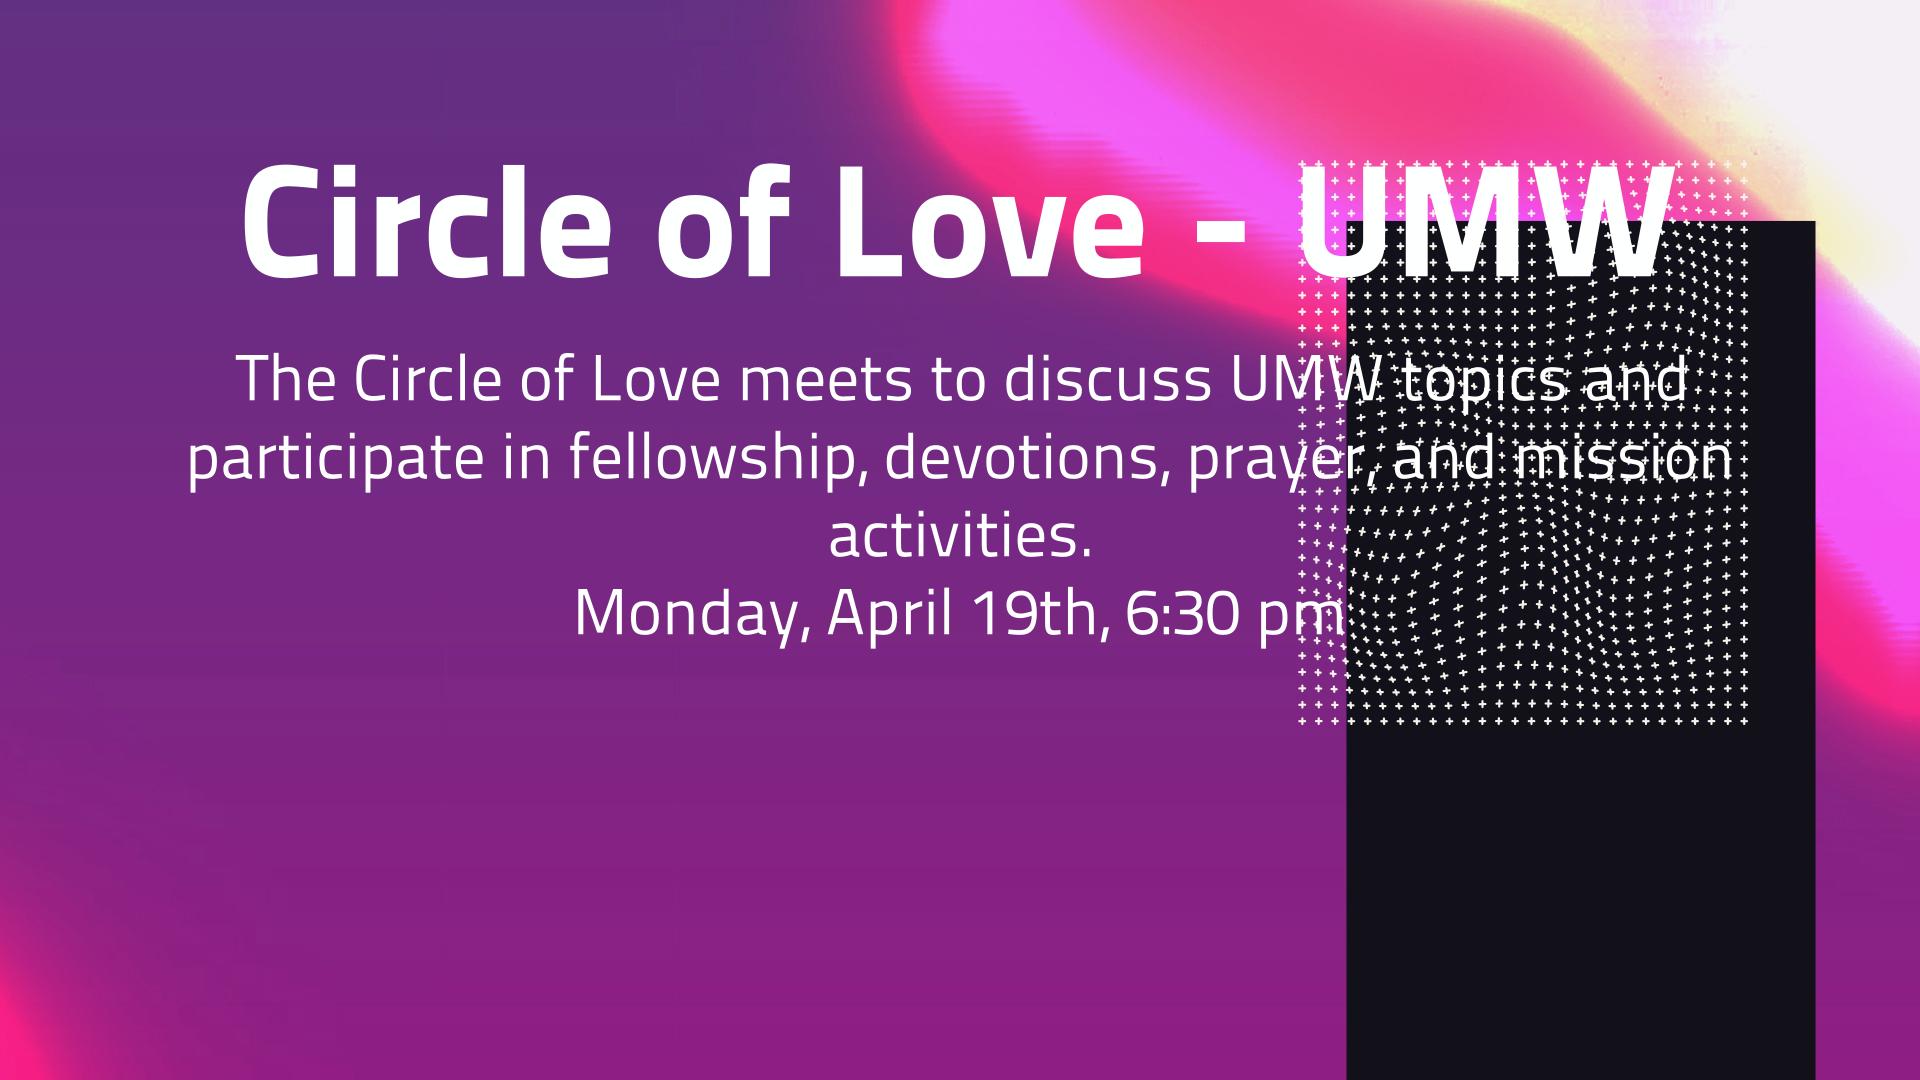 Circle of Love - UMW